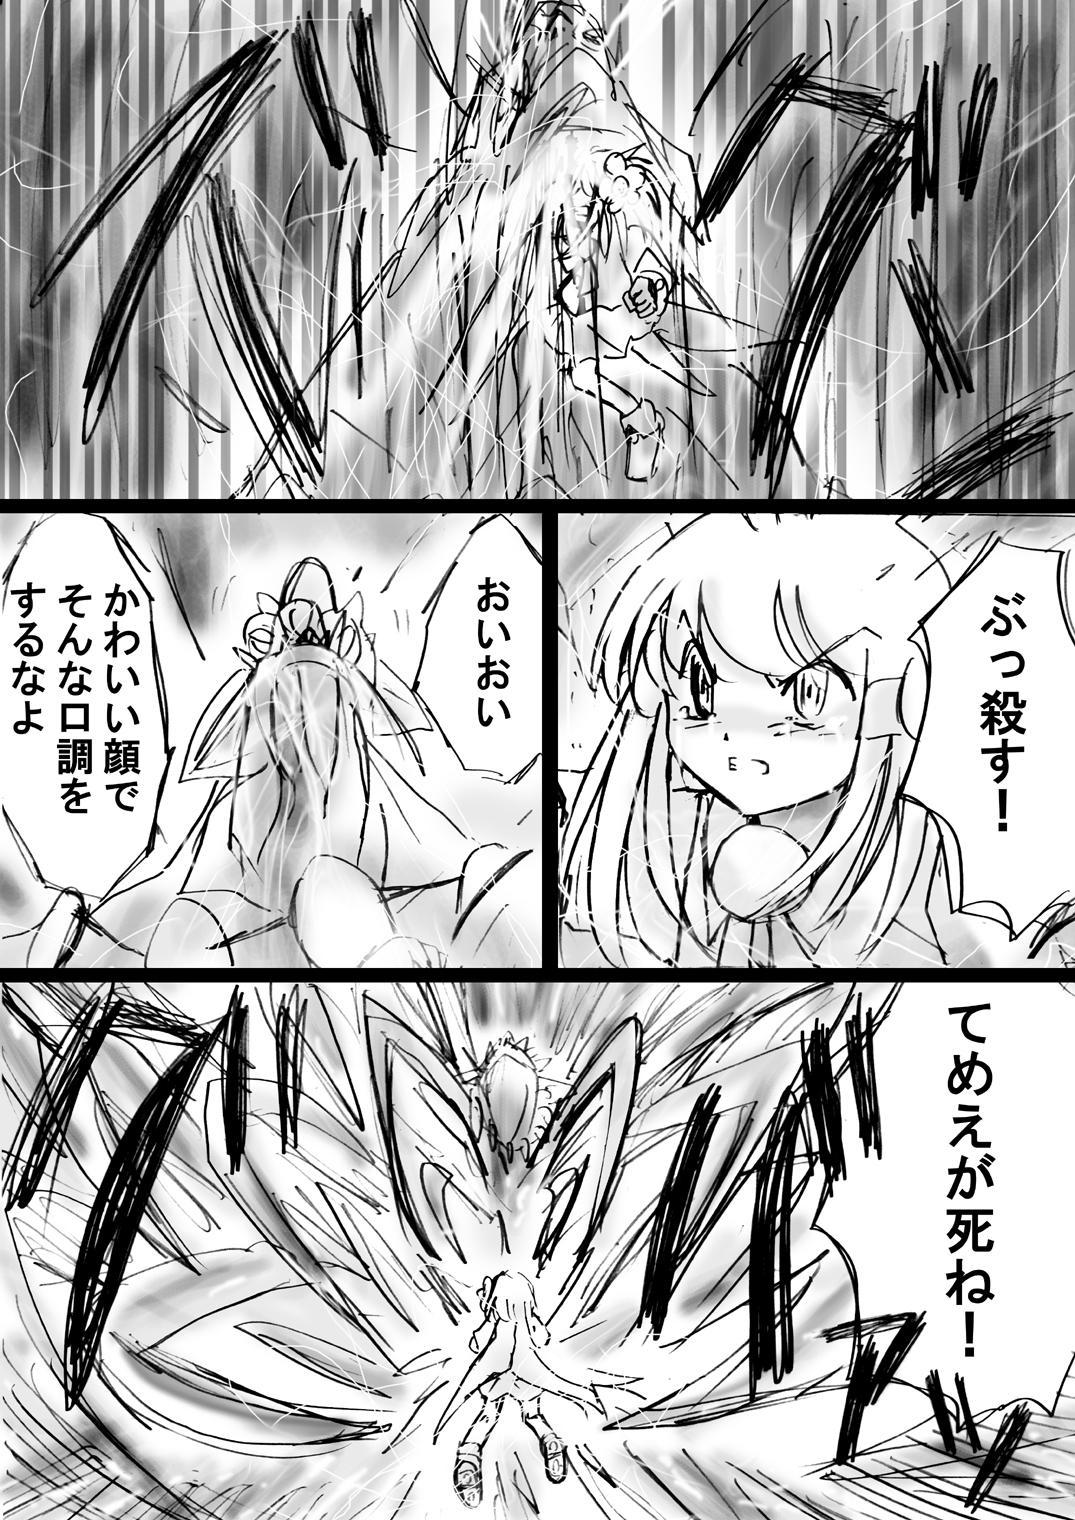 [Dende] Fushigi Sekai -Mystery World- no Nona 17 ~ Taiketsu Fujimi no Dai Inma Dakurasu, Kanzen Sekka no Kyoufu 38